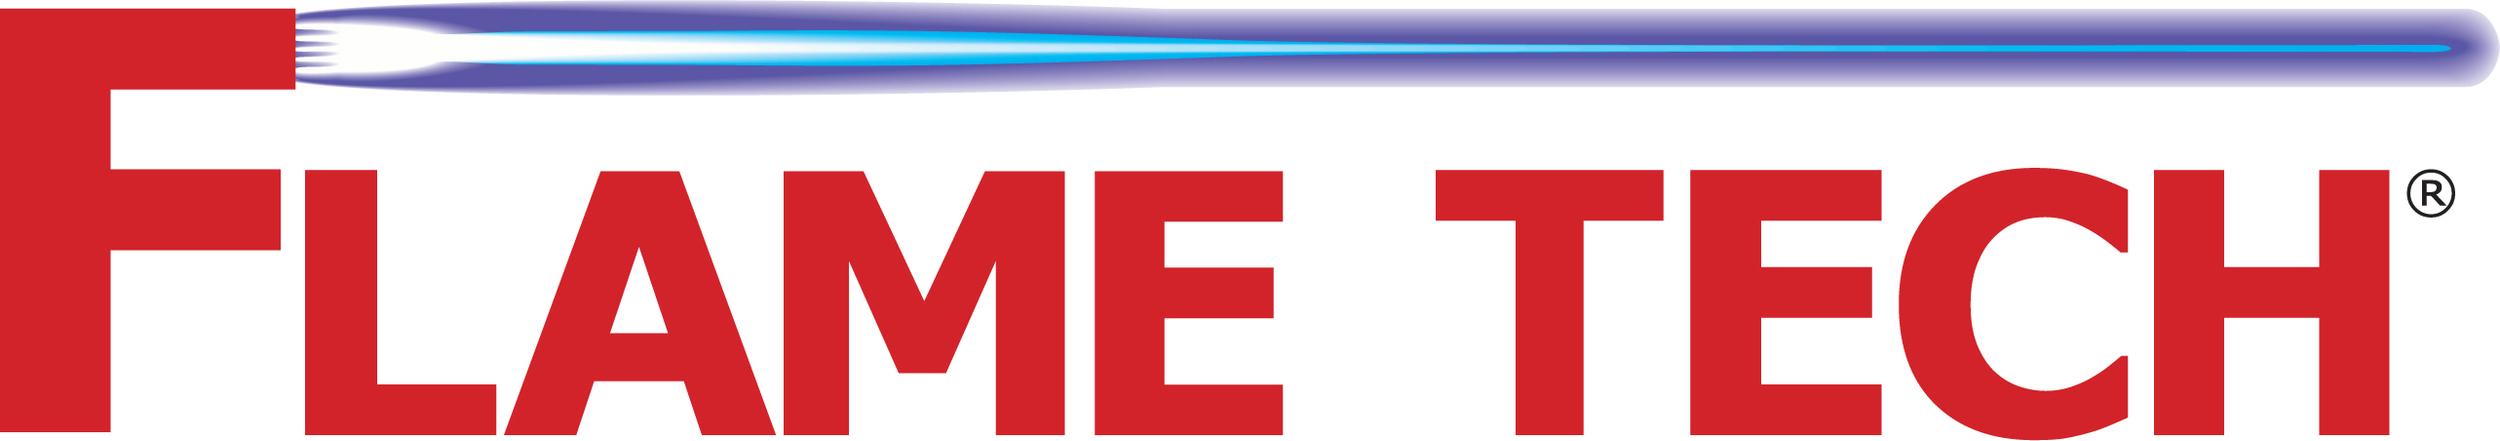 Flame Tech Logo.jpg